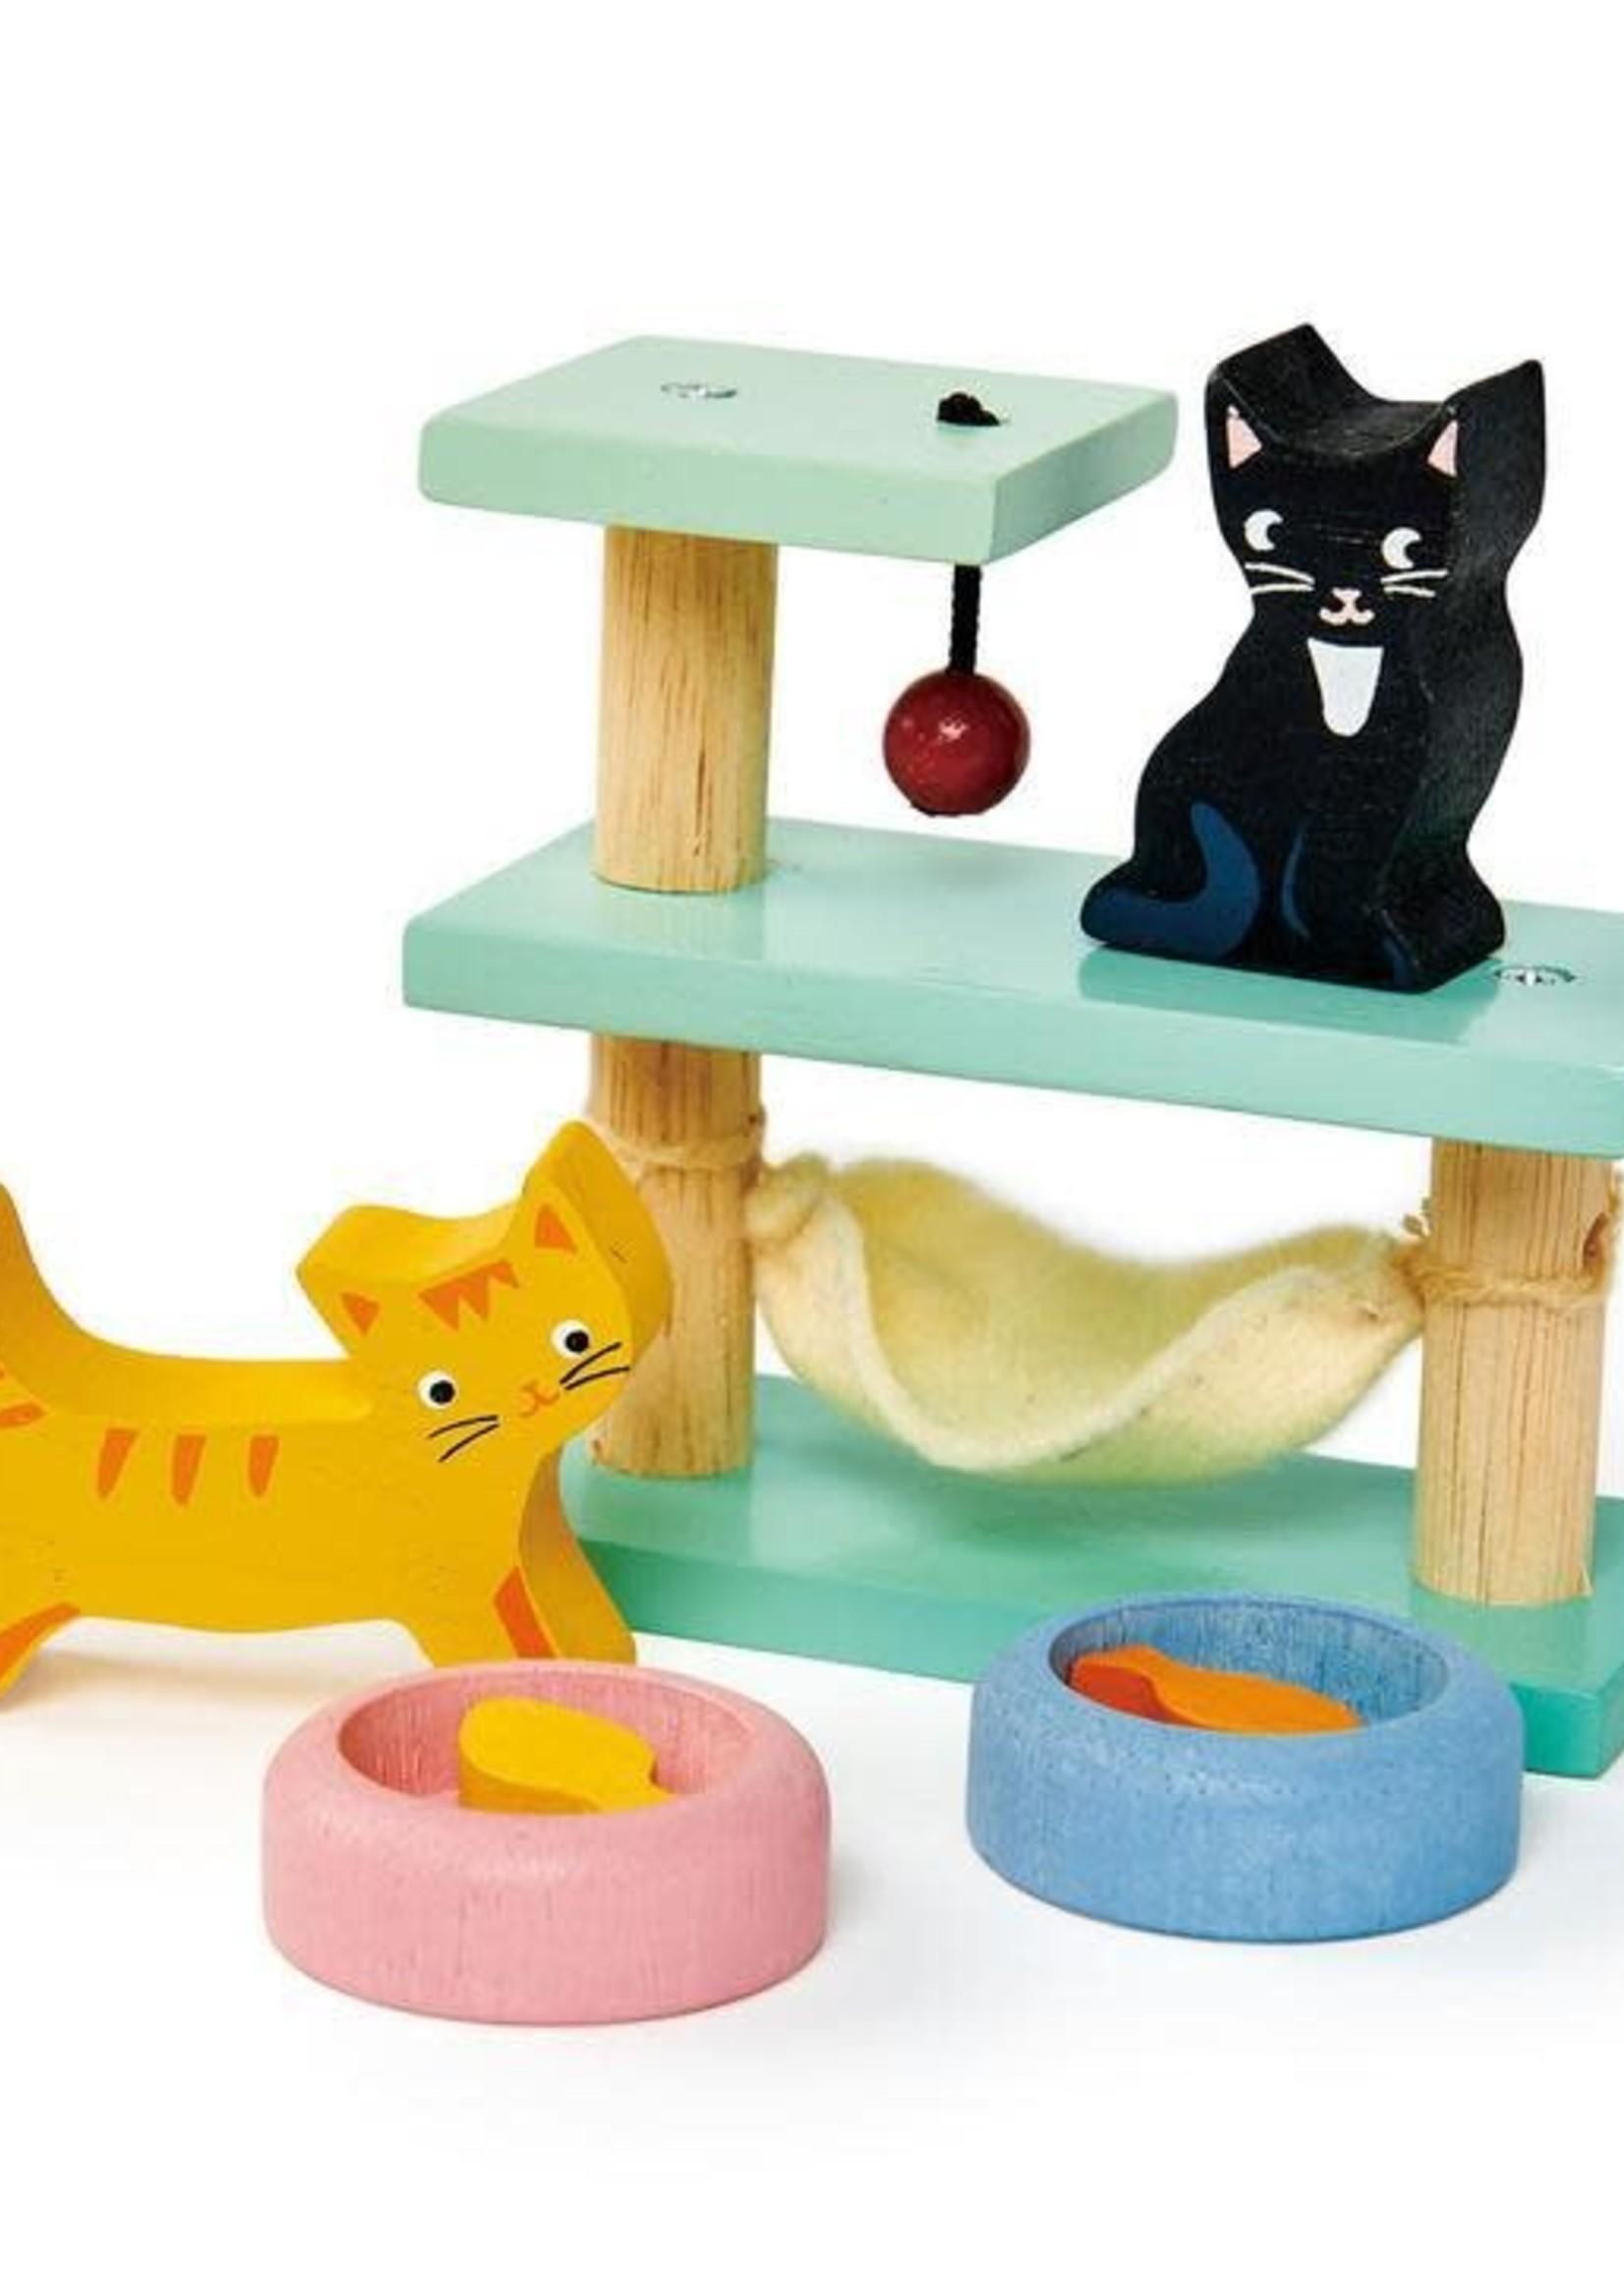 Tender Leaf Toy Tender Leaf Pet Cat Set